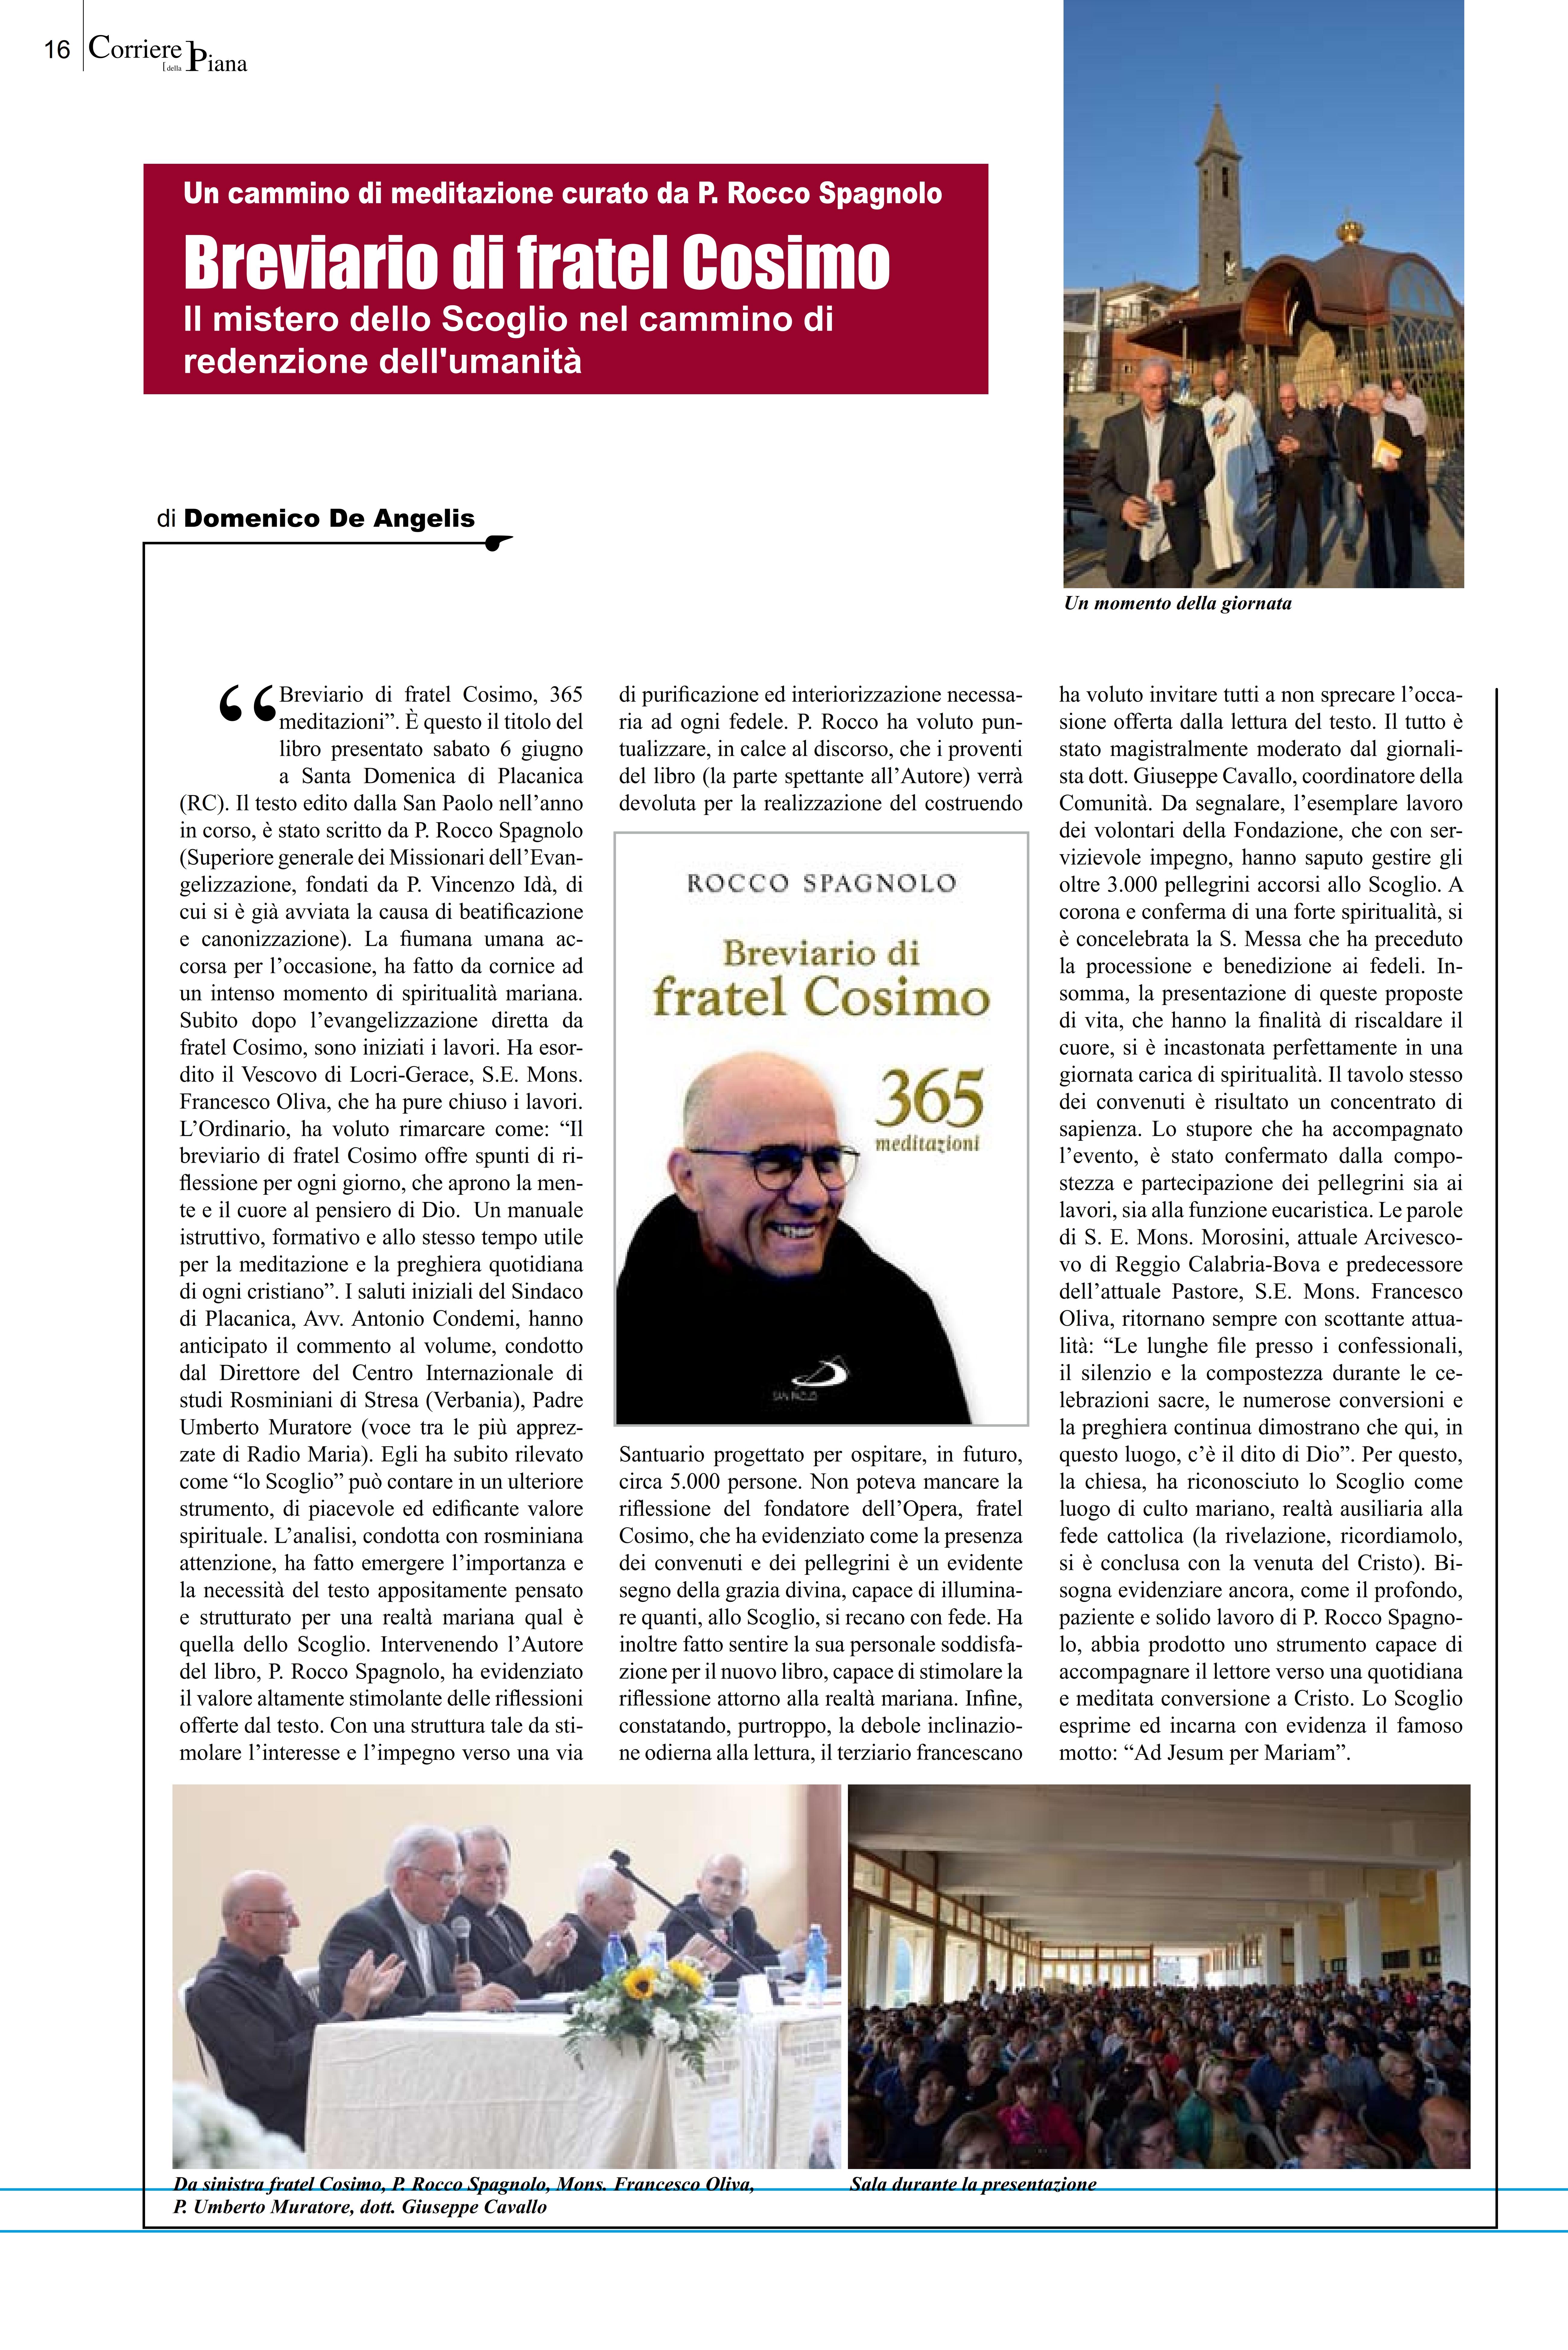 Corriere della Piana - pagina Scoglio_001